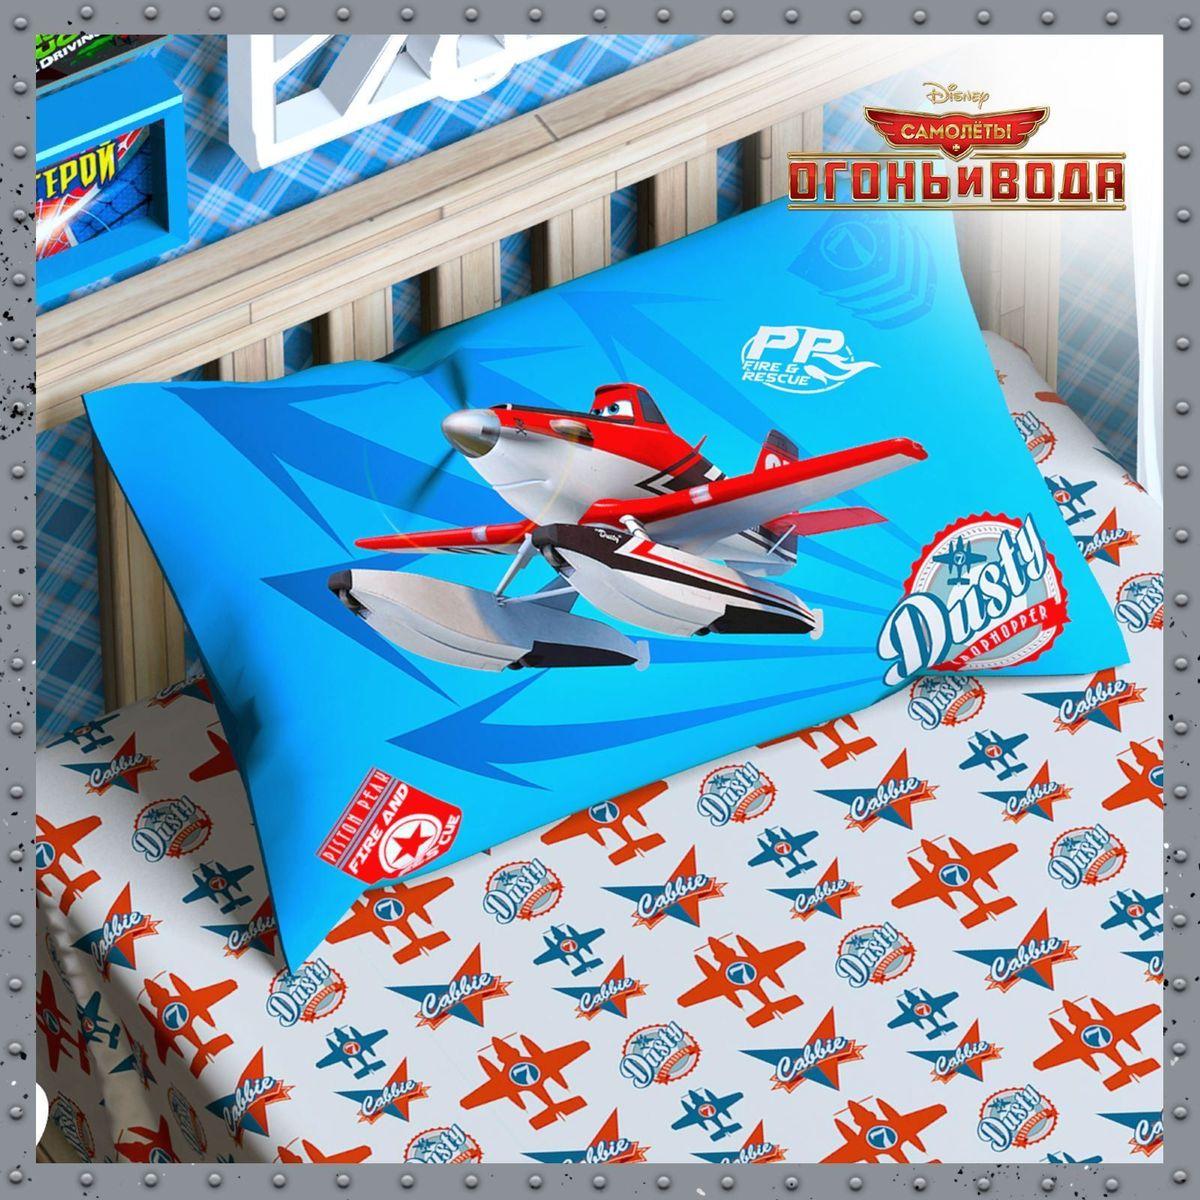 Disney Подушка панно Самолеты 50 х 70 1153116 - Детский текстиль